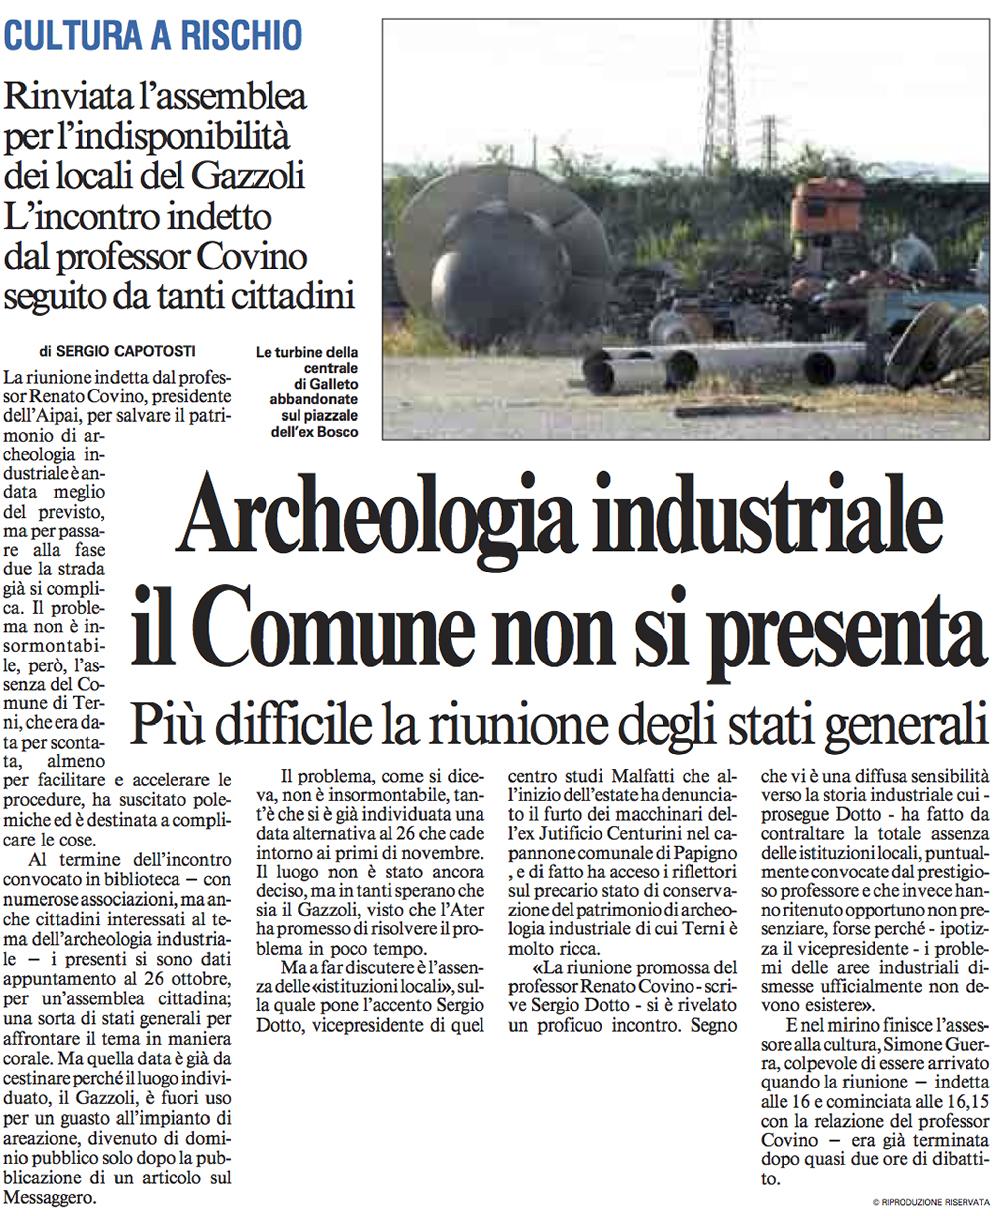 Da Il Messaggero del 24/09/2012, p. 49, articolo di Sergio Capotosti.